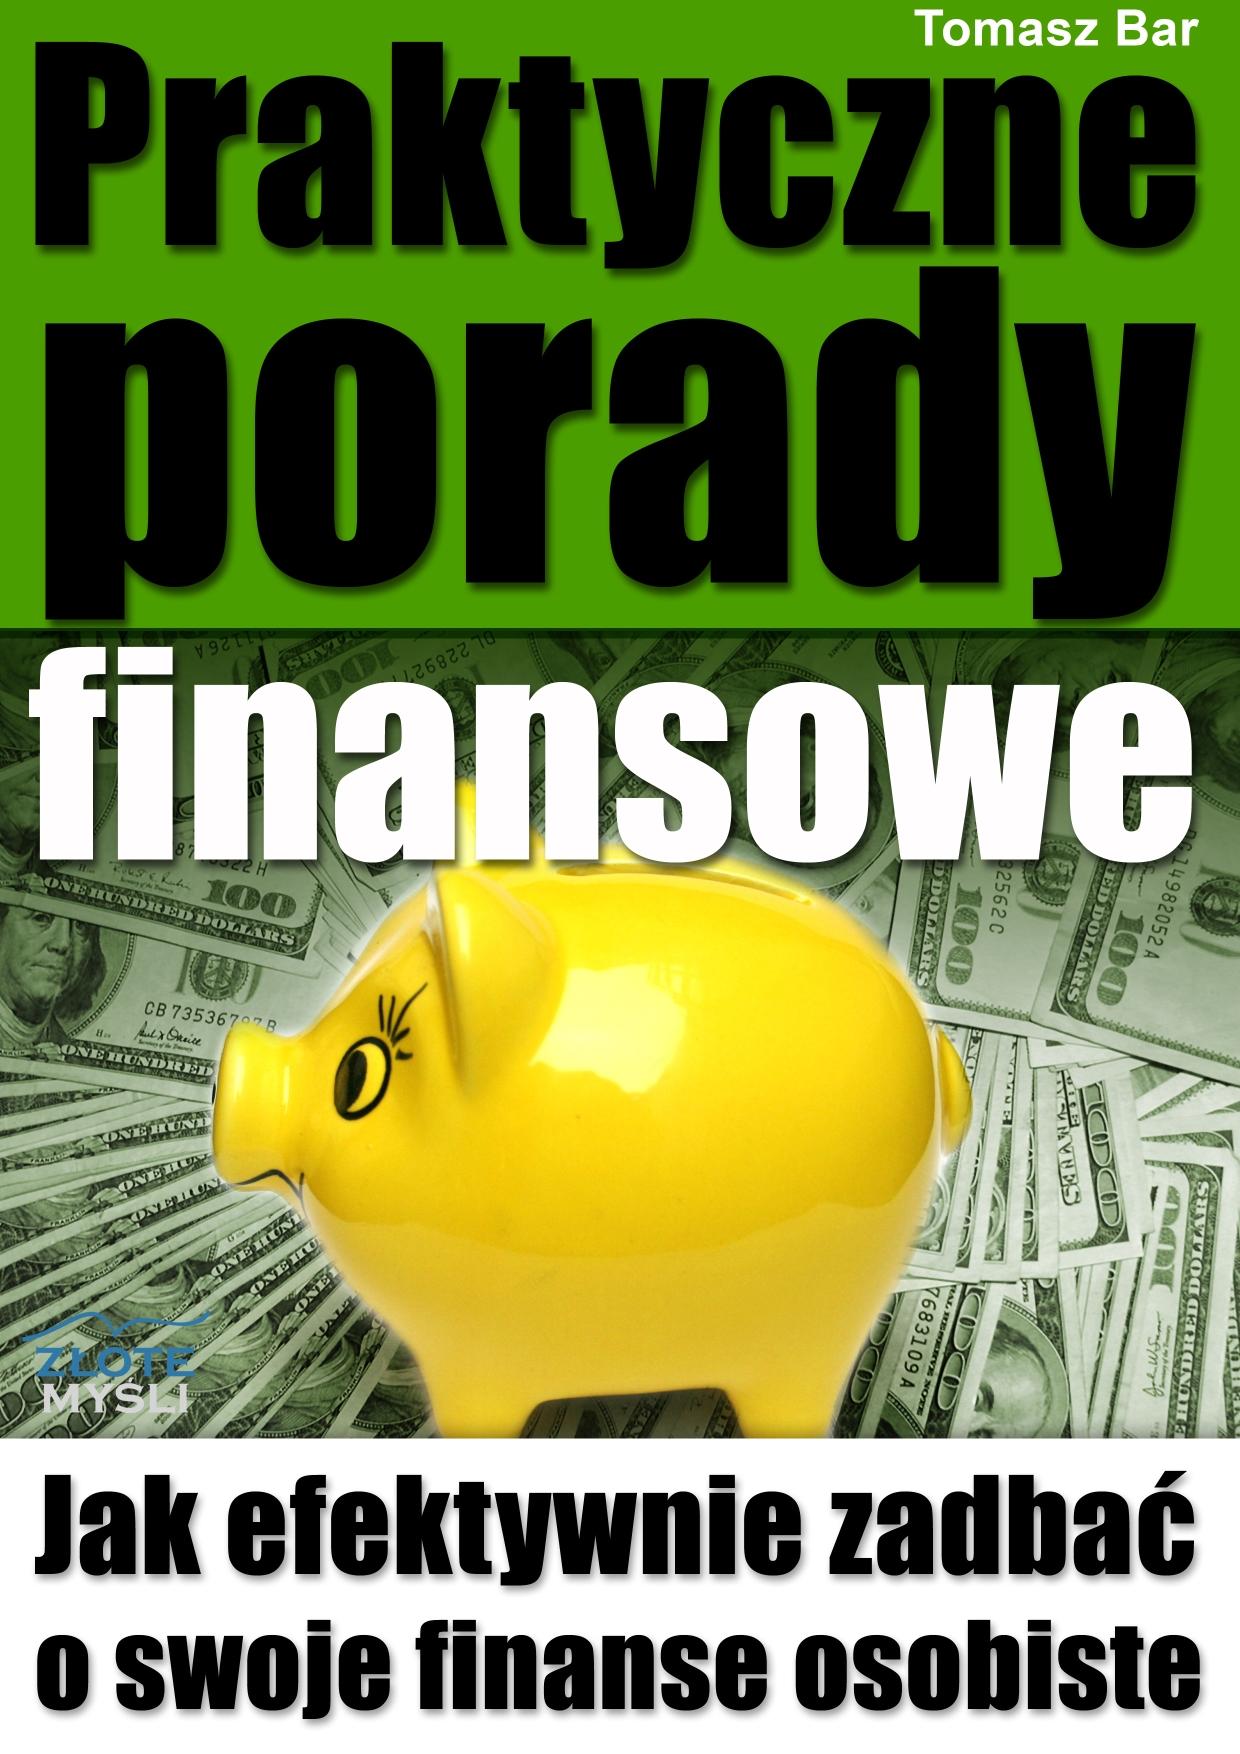 Tomasz Bar: Praktyczne porady finansowe - okładka